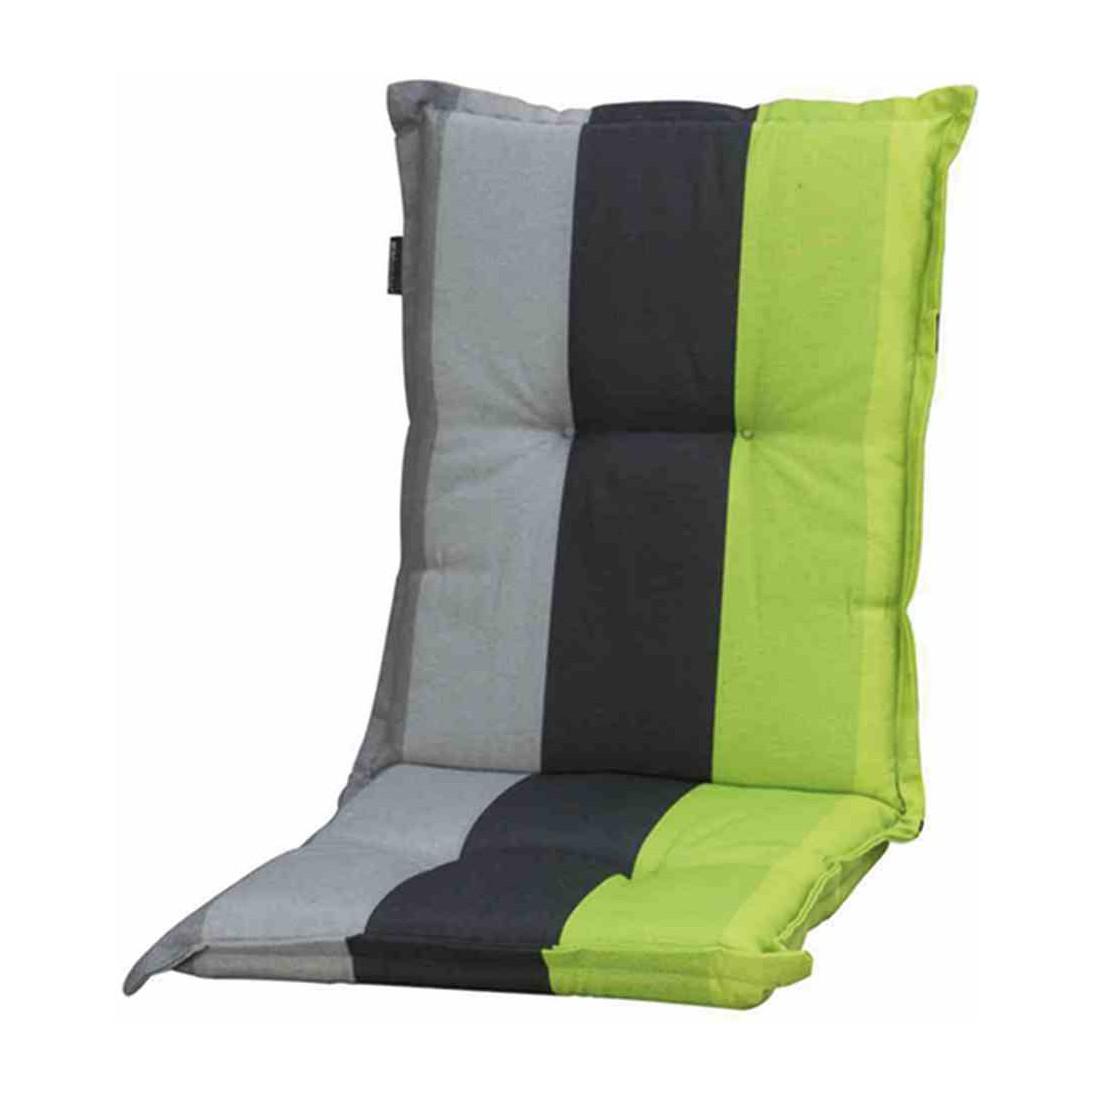 Kussen voor lage ligstoel Lars lime - geweven stof - groen/grijs, Madison